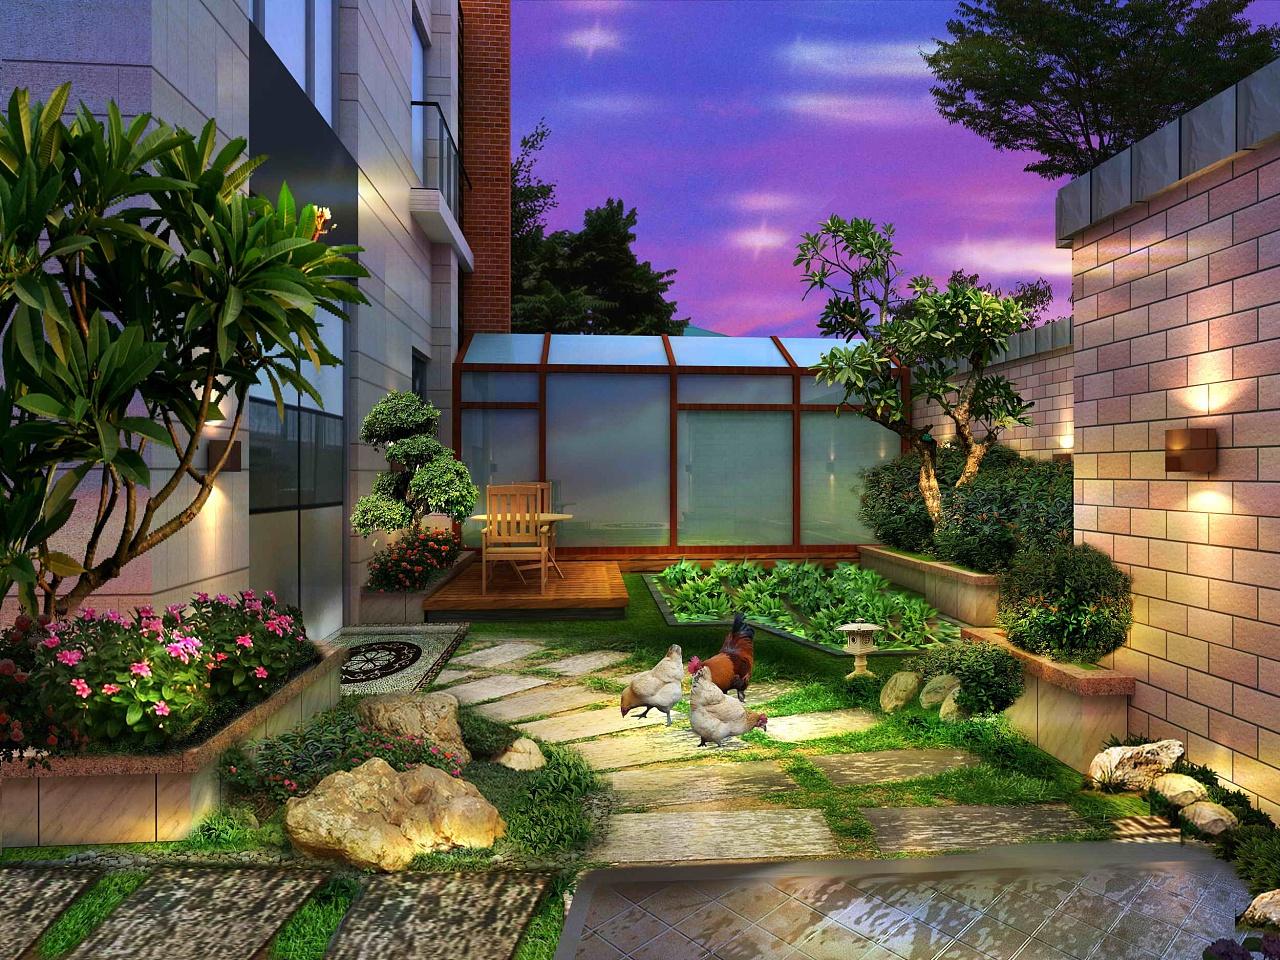 现代别墅庭院景观设计_成都园林、别墅庭院景观设计应该注意什么?装修更要注意什么 ...